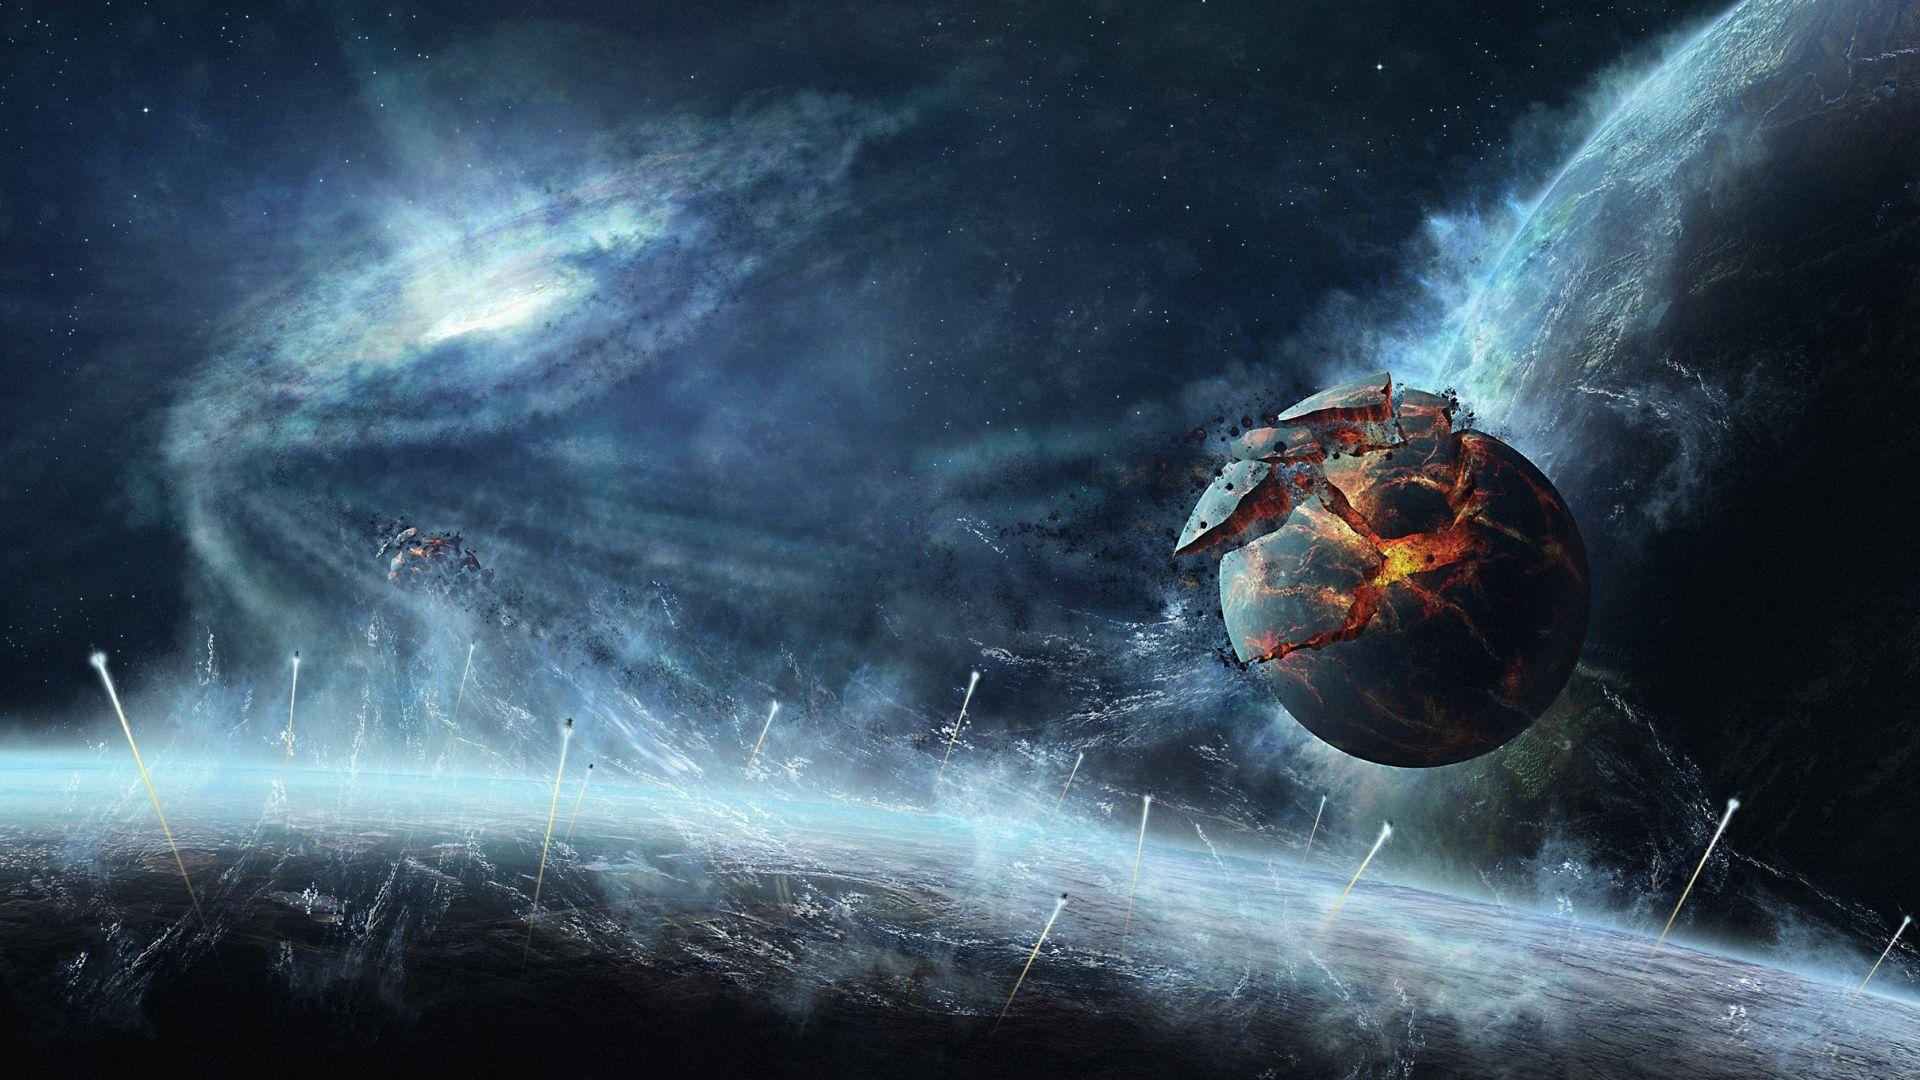 Apocalypse Espace Wallpaper 1920x1080 Fond D Ecran Hd